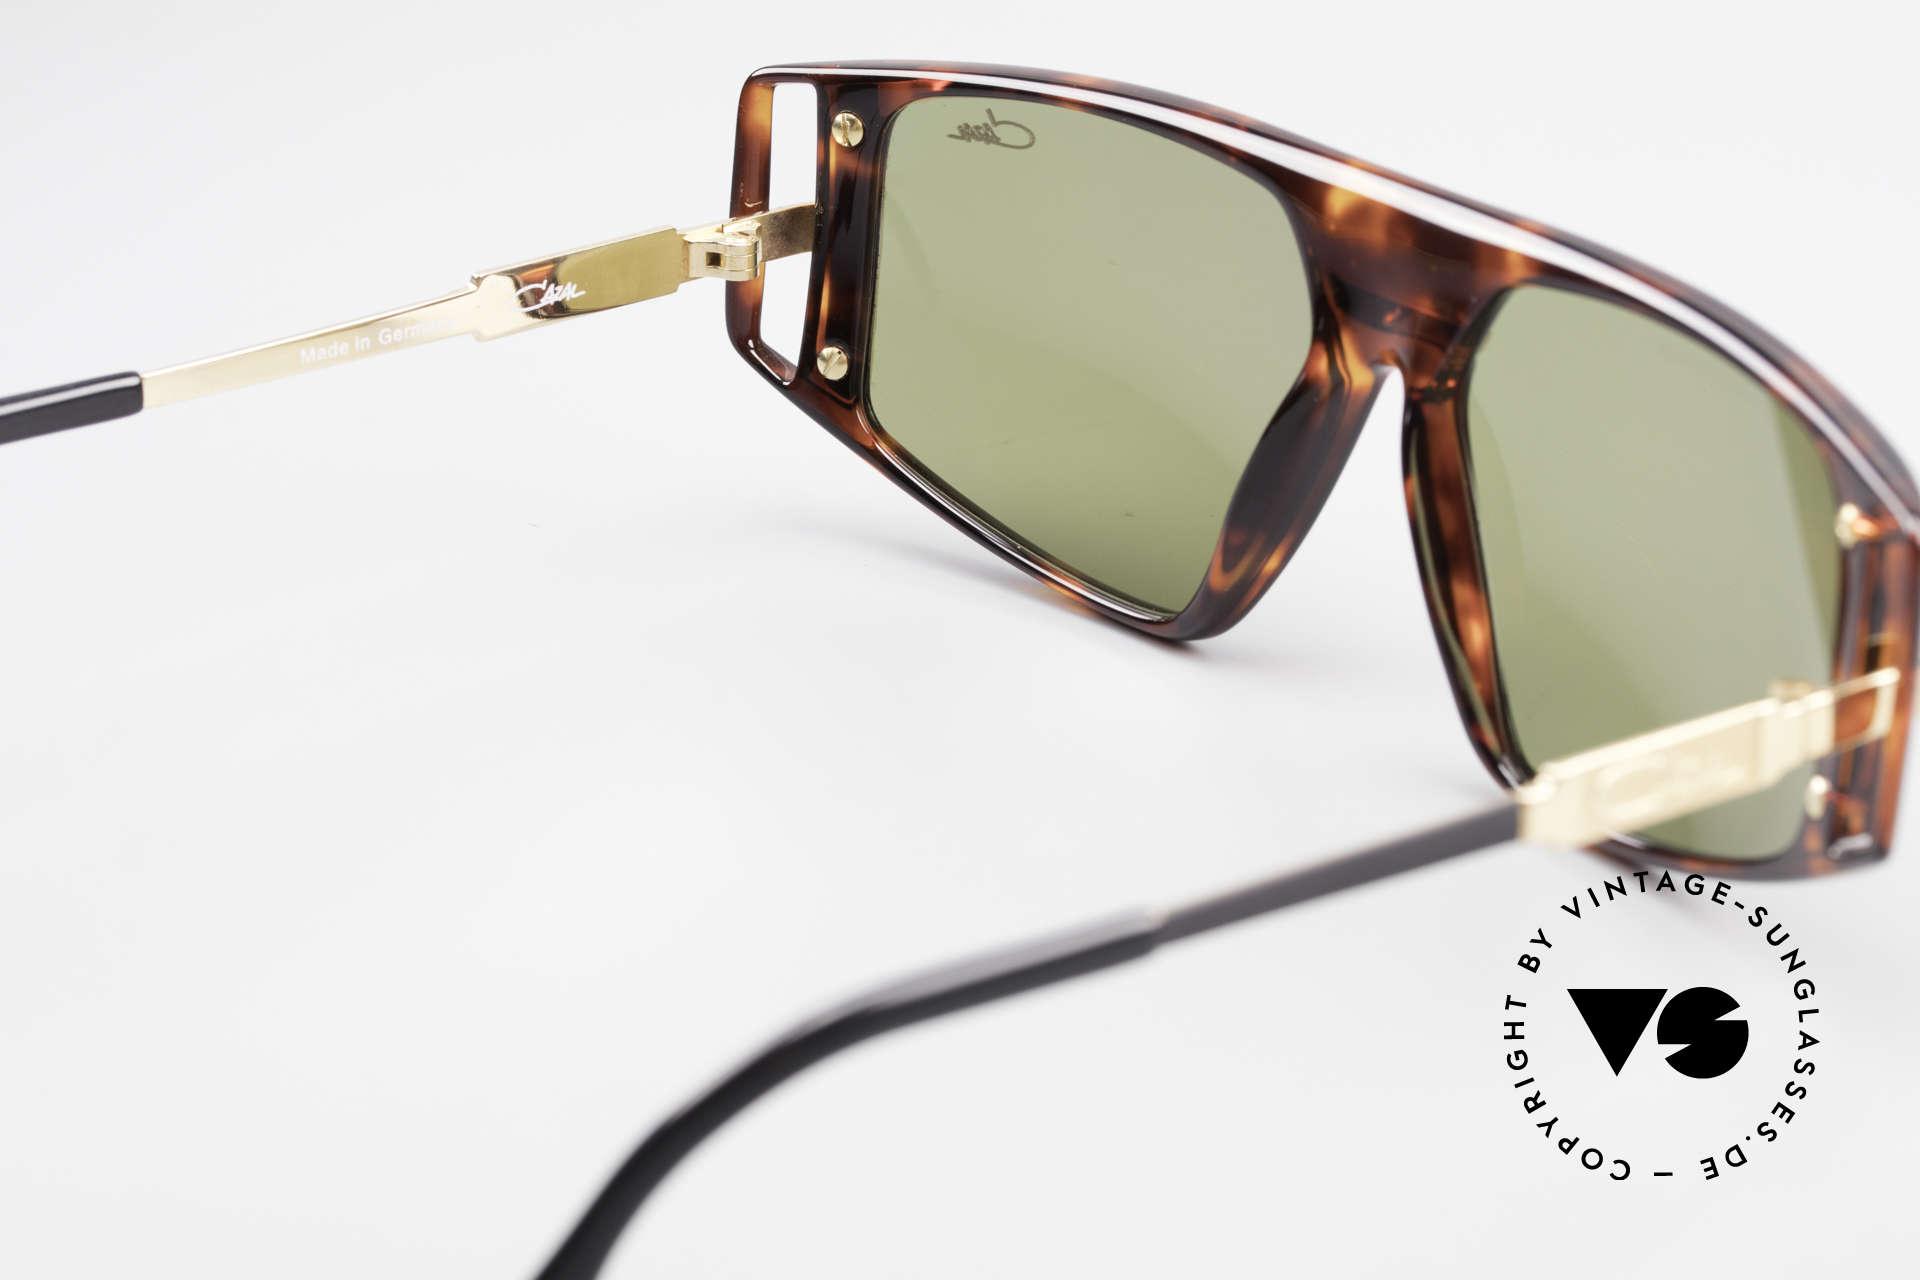 Cazal 874 1990er Unisex Designerbrille, KEINE RETROmode; ein ca. 25 Jahre altes Original!, Passend für Herren und Damen